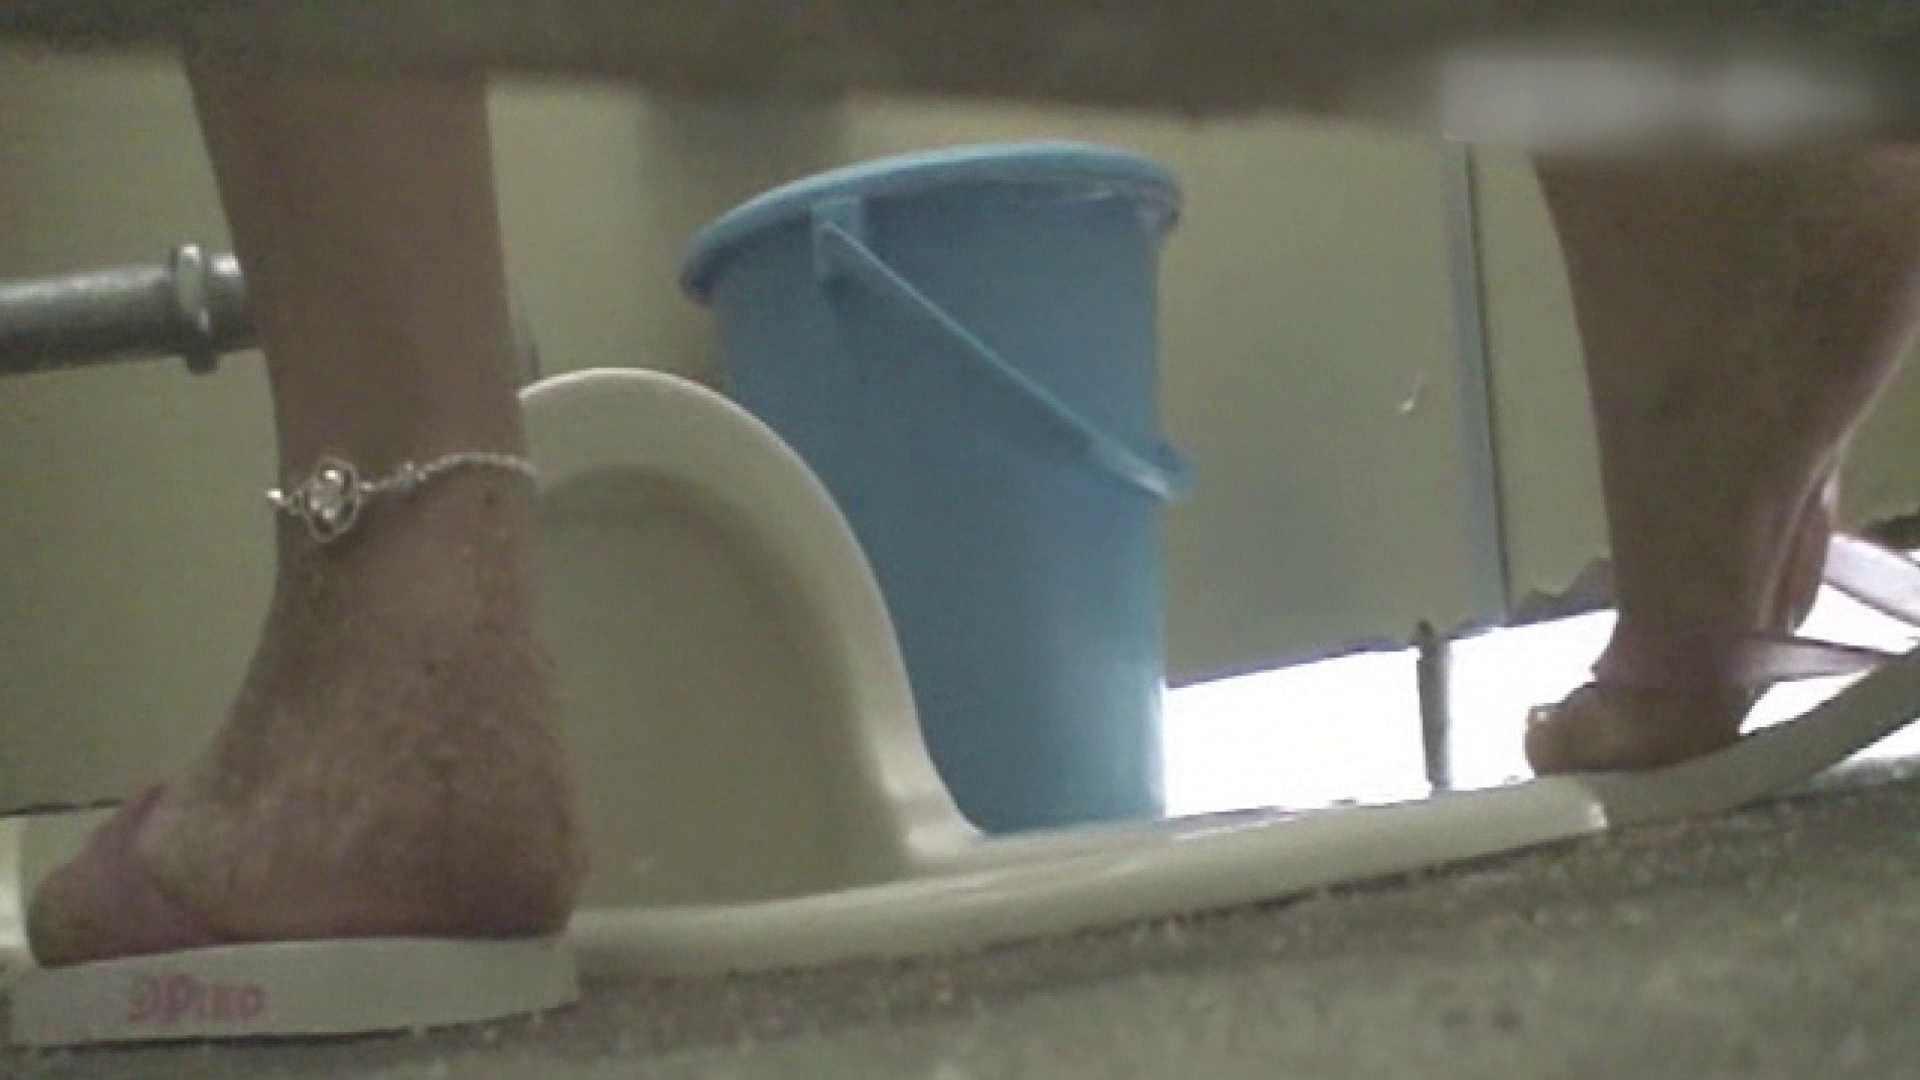 ロックハンドさんの盗撮記録File.07 マンコ・ムレムレ ワレメ動画紹介 77pic 60